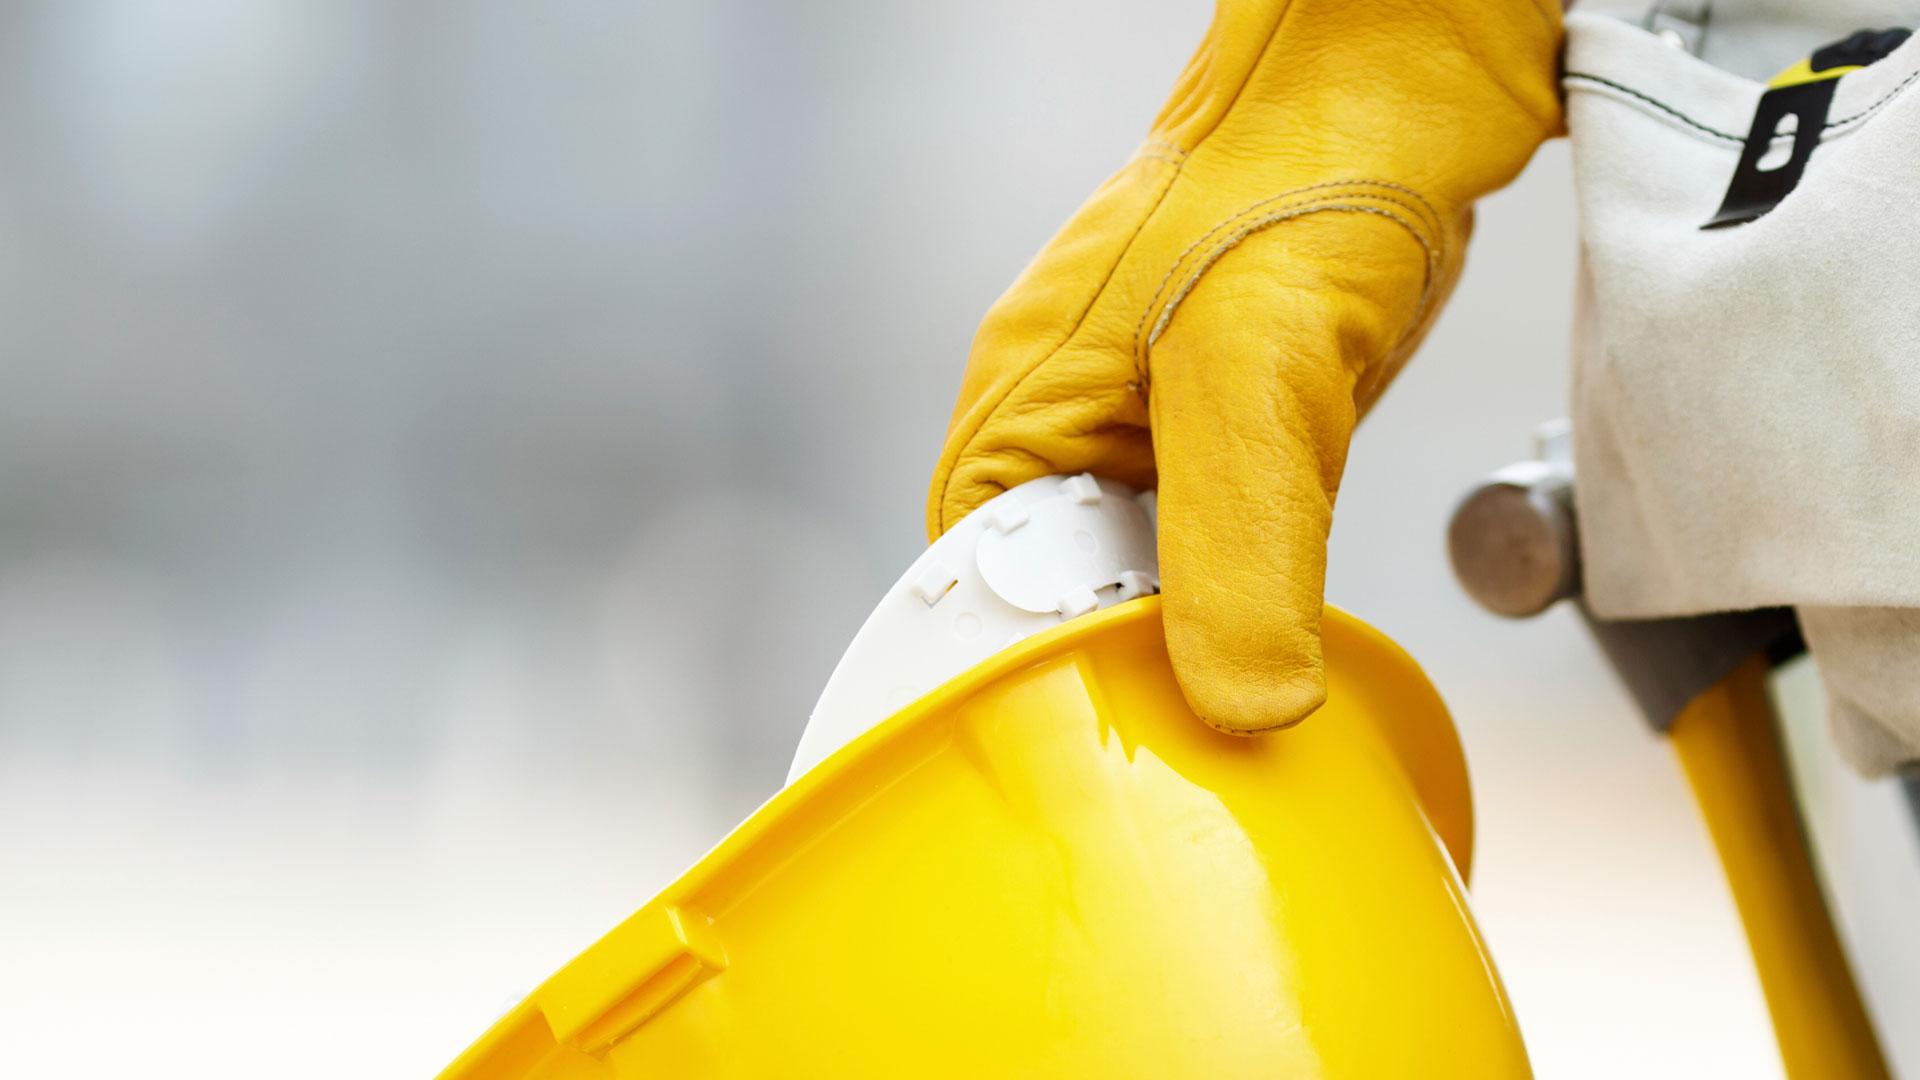 sicurezza-sul-lavoro_scafati